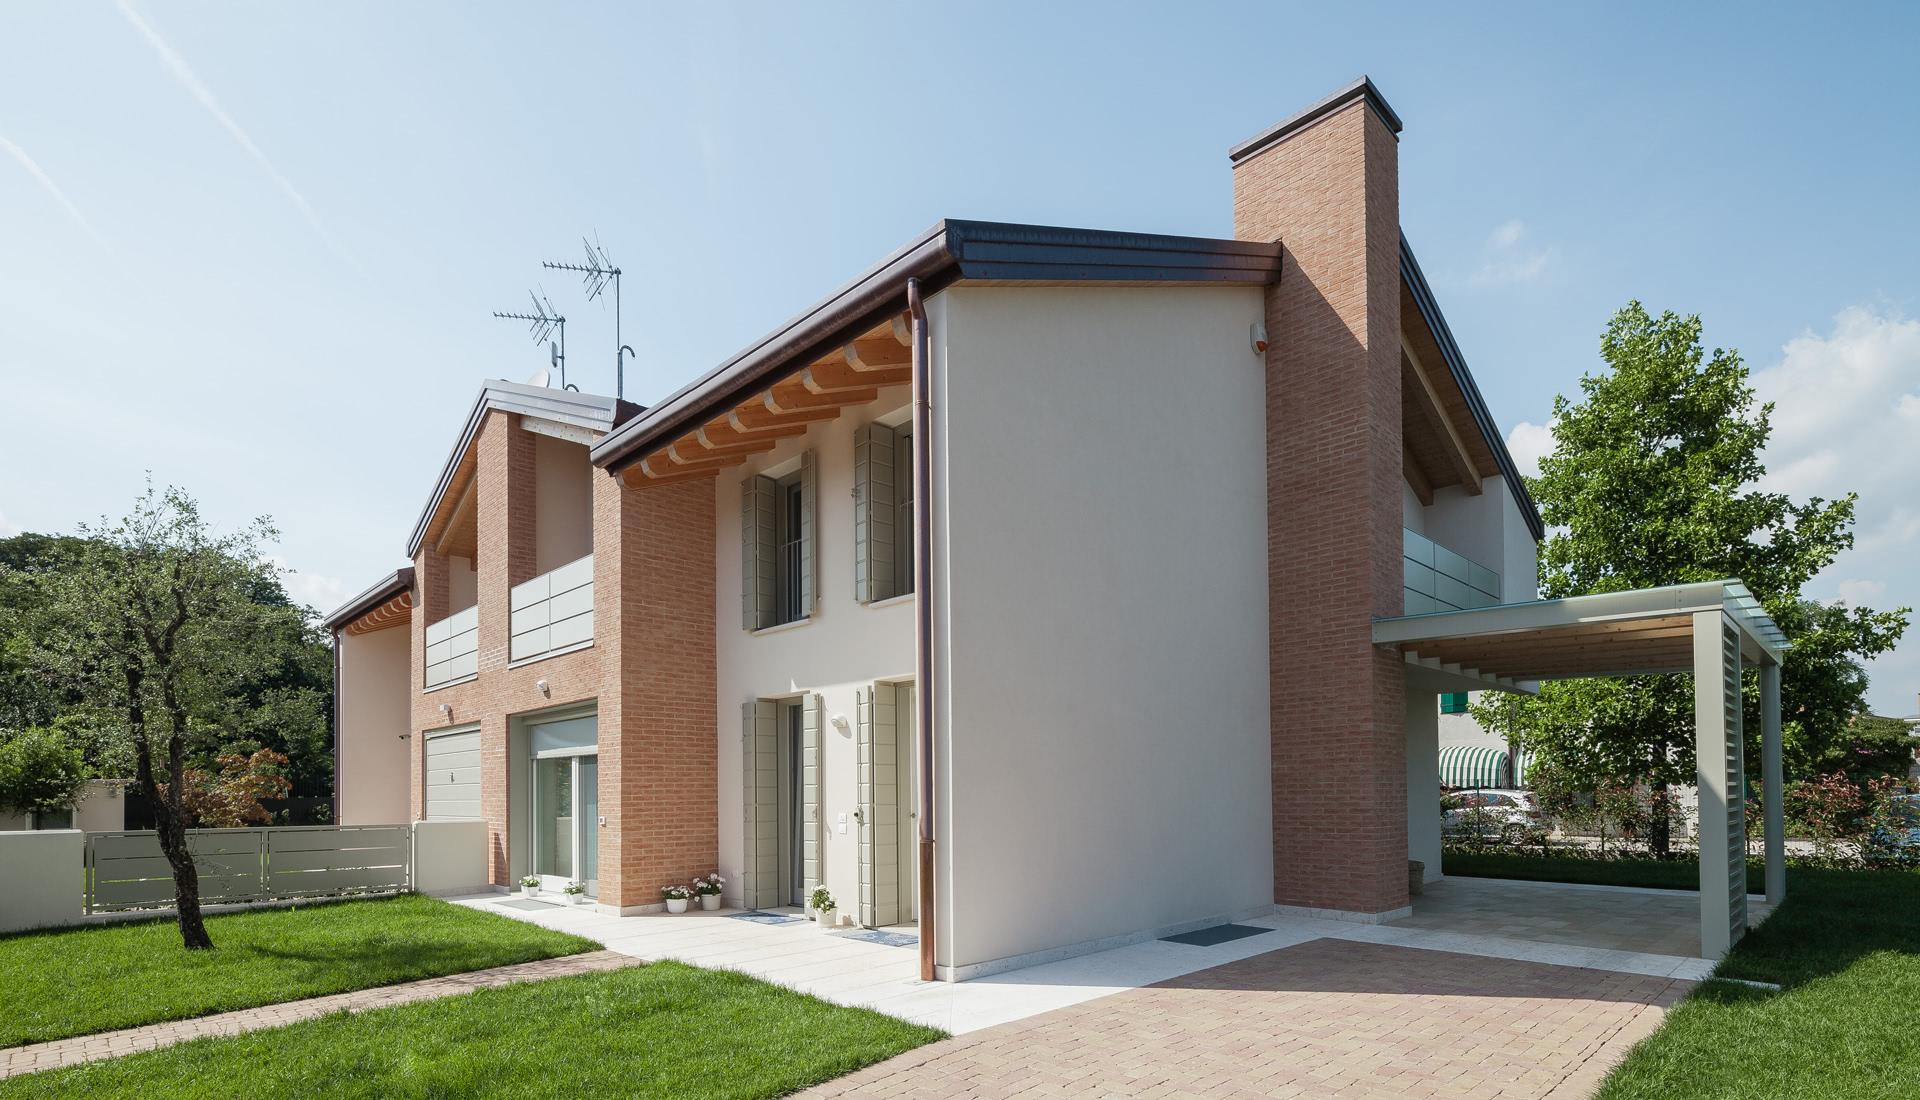 Villaggio Morosini